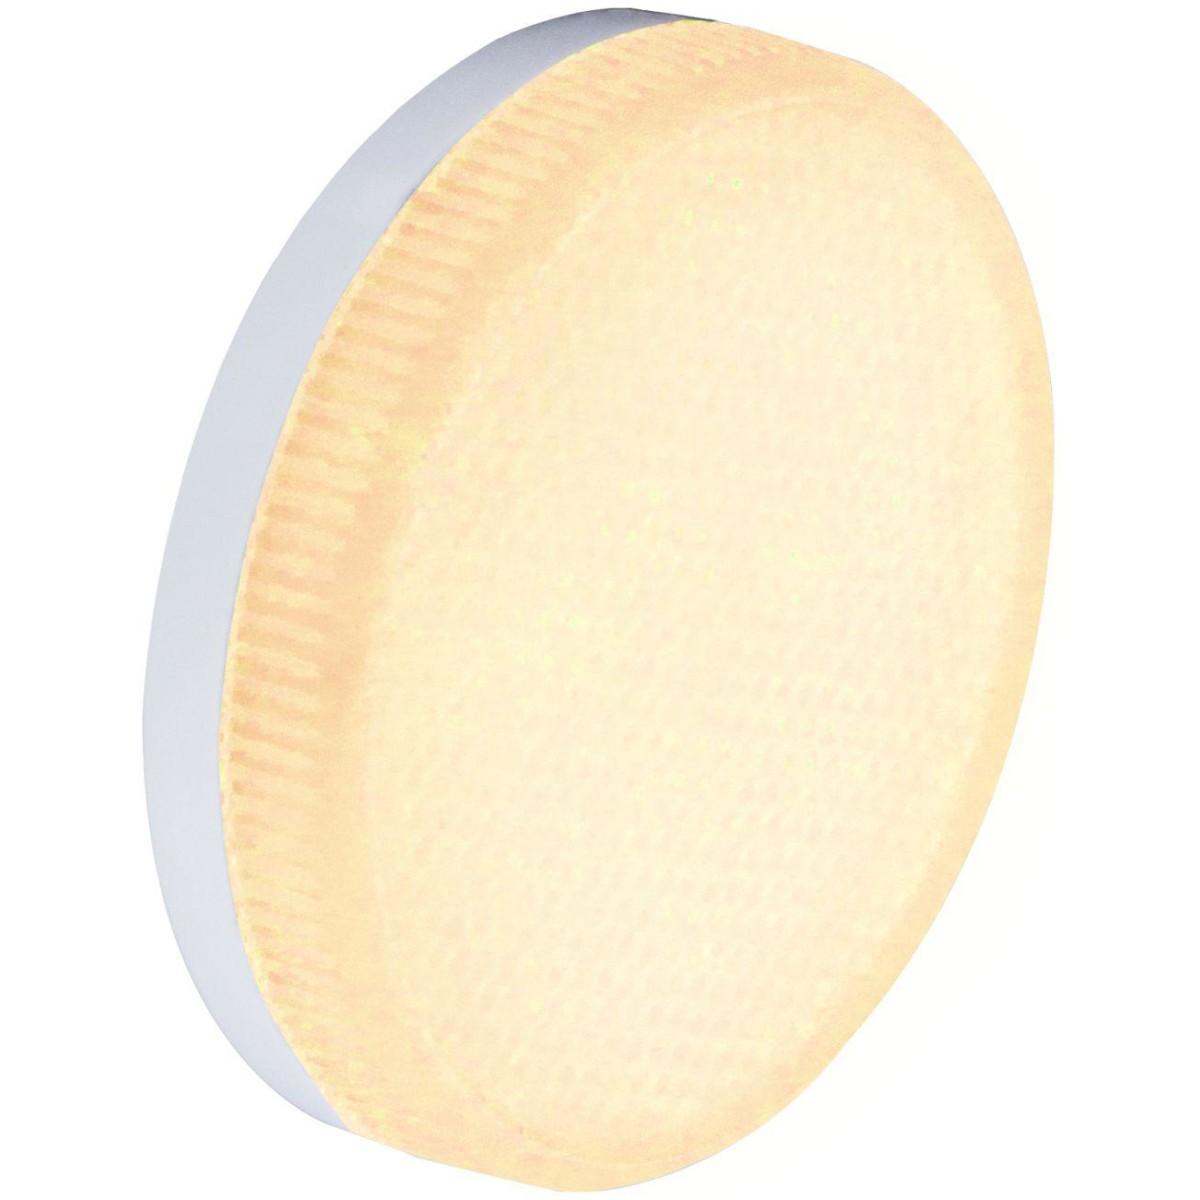 Лампа Ecola Premium светодионая GX53 10 Вт таблетка 900 Лм теплый свет